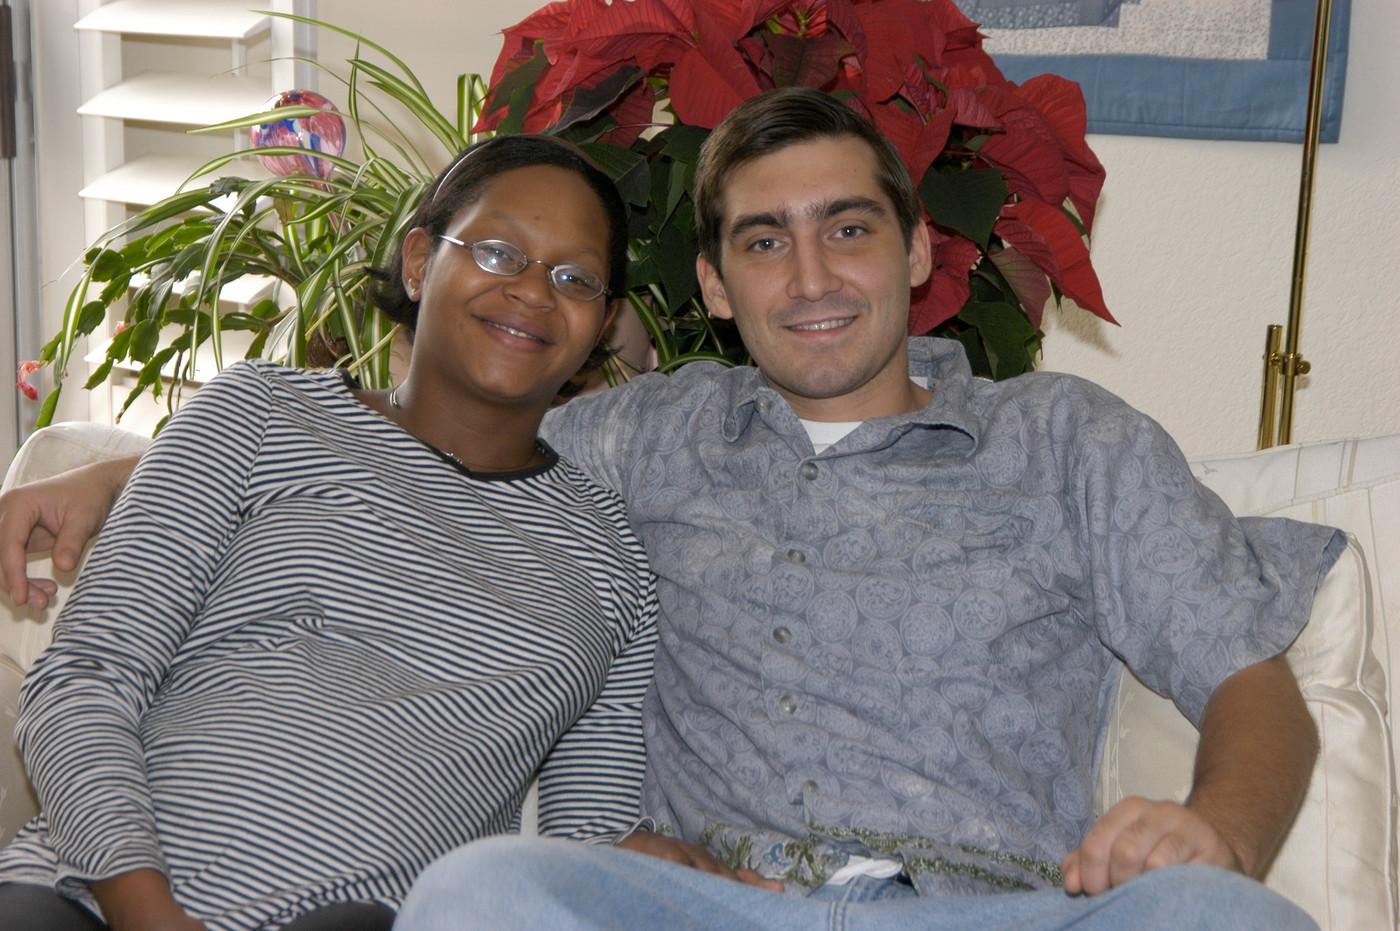 2003-11-27 0003ThxGiving